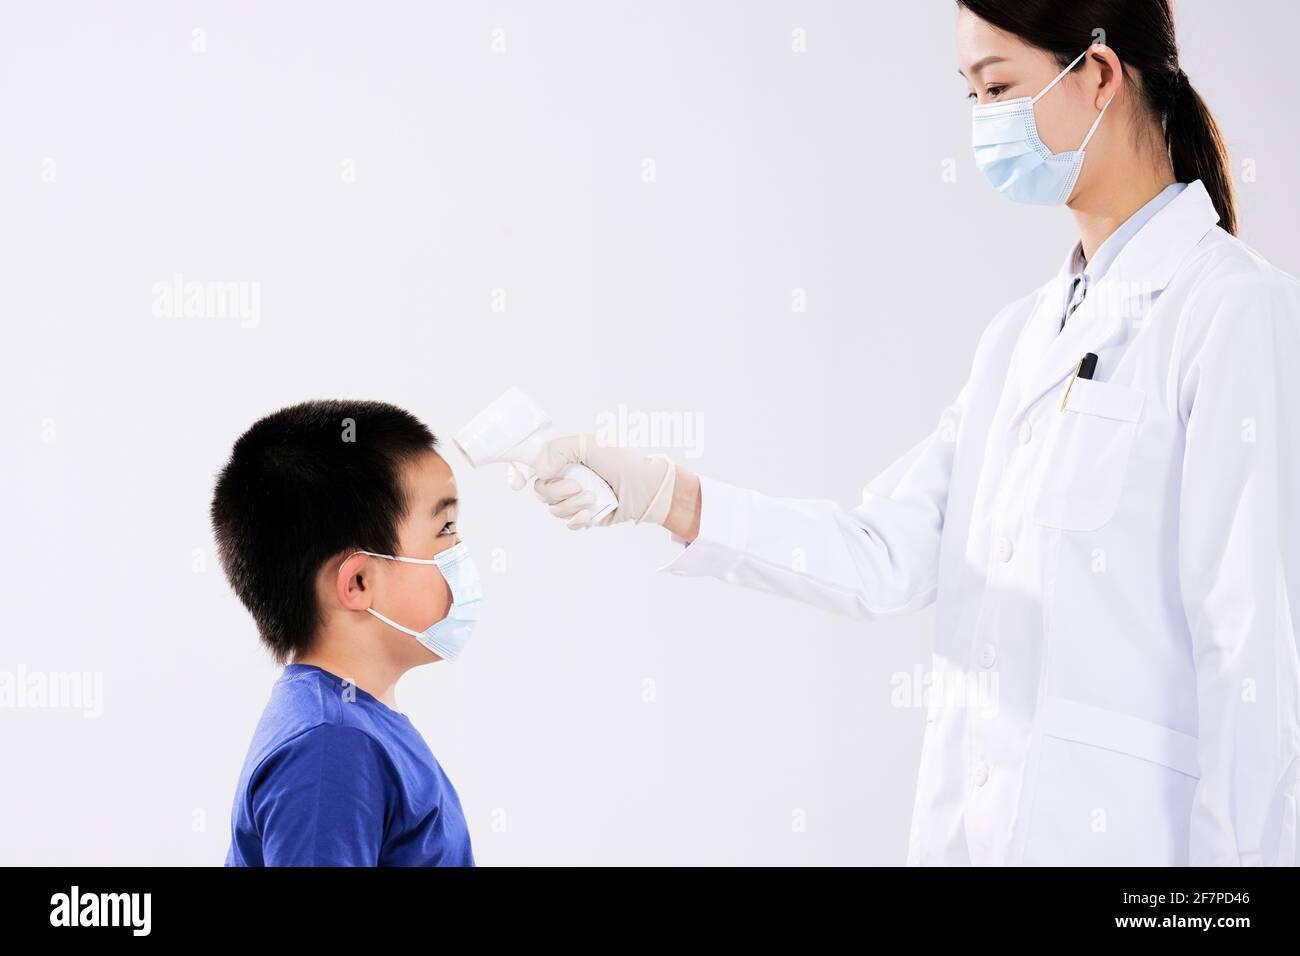 Une femme médecin a pris le visage de température du petit garçon à face Banque D'Images